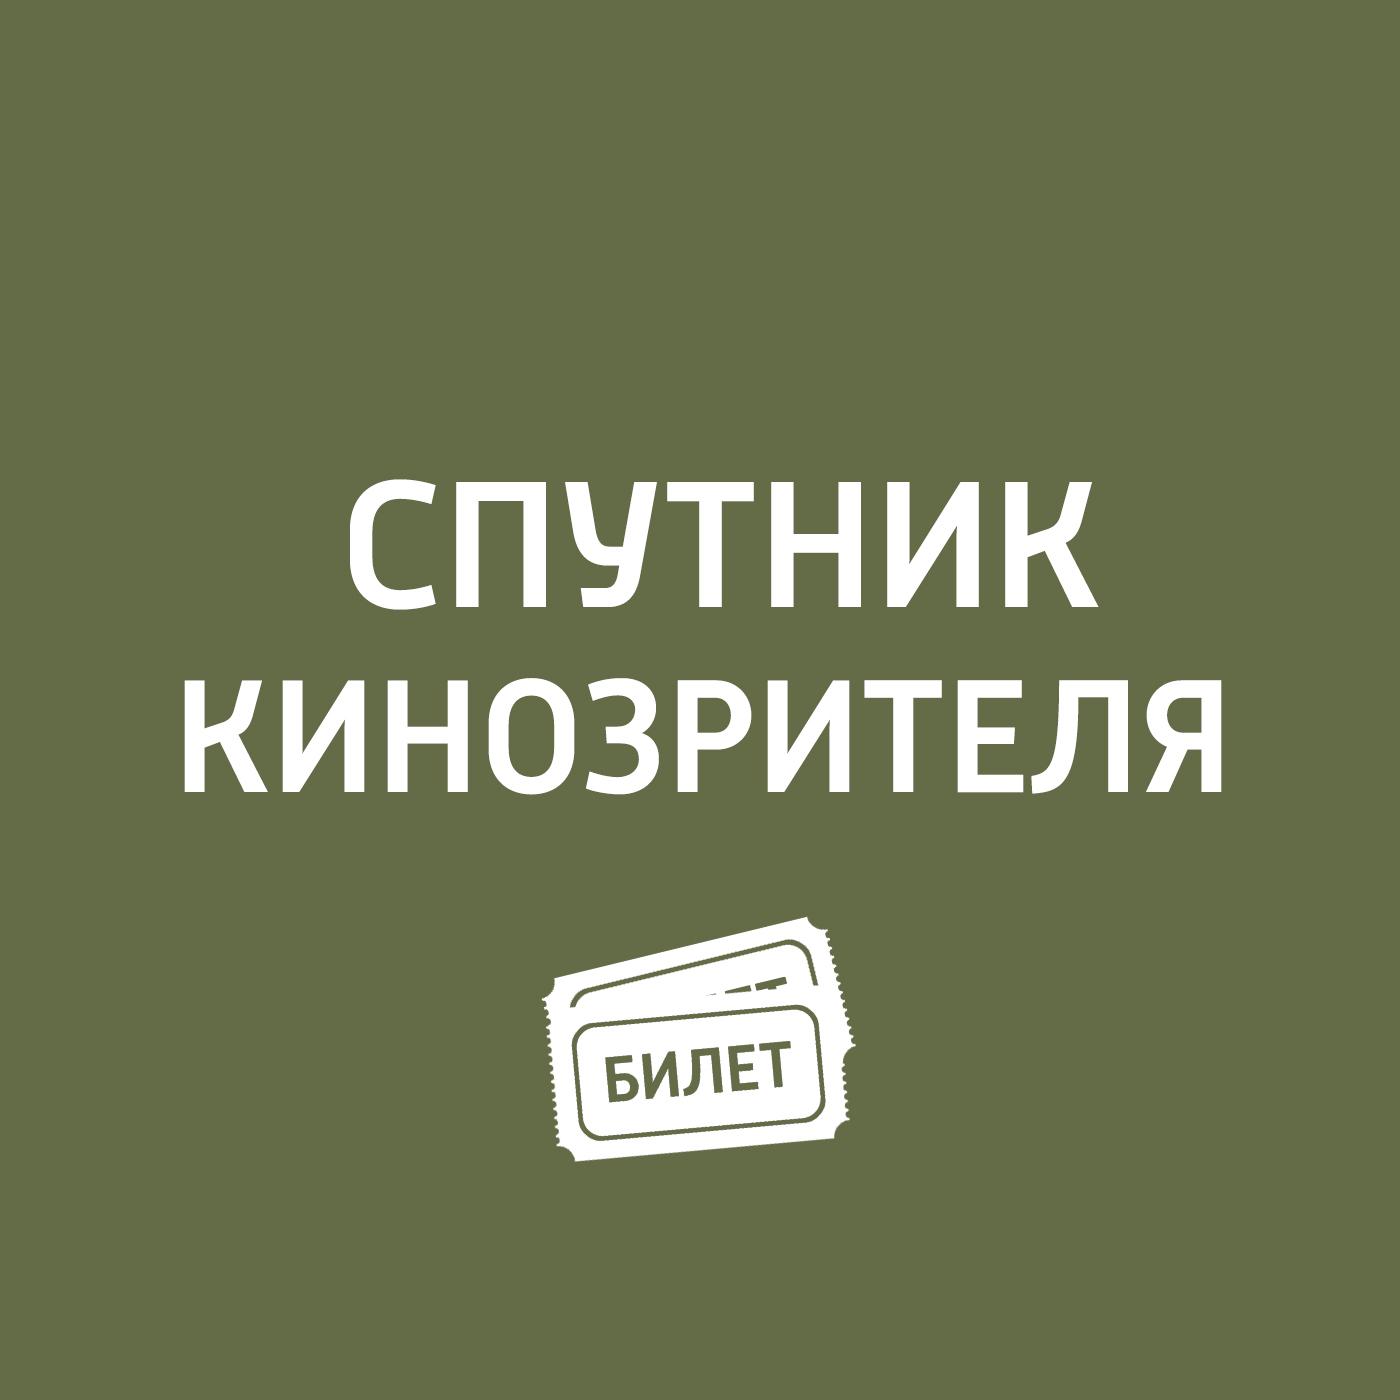 Антон Долин Спор Антона и Петра о Джеймсе Бонде и супергероях